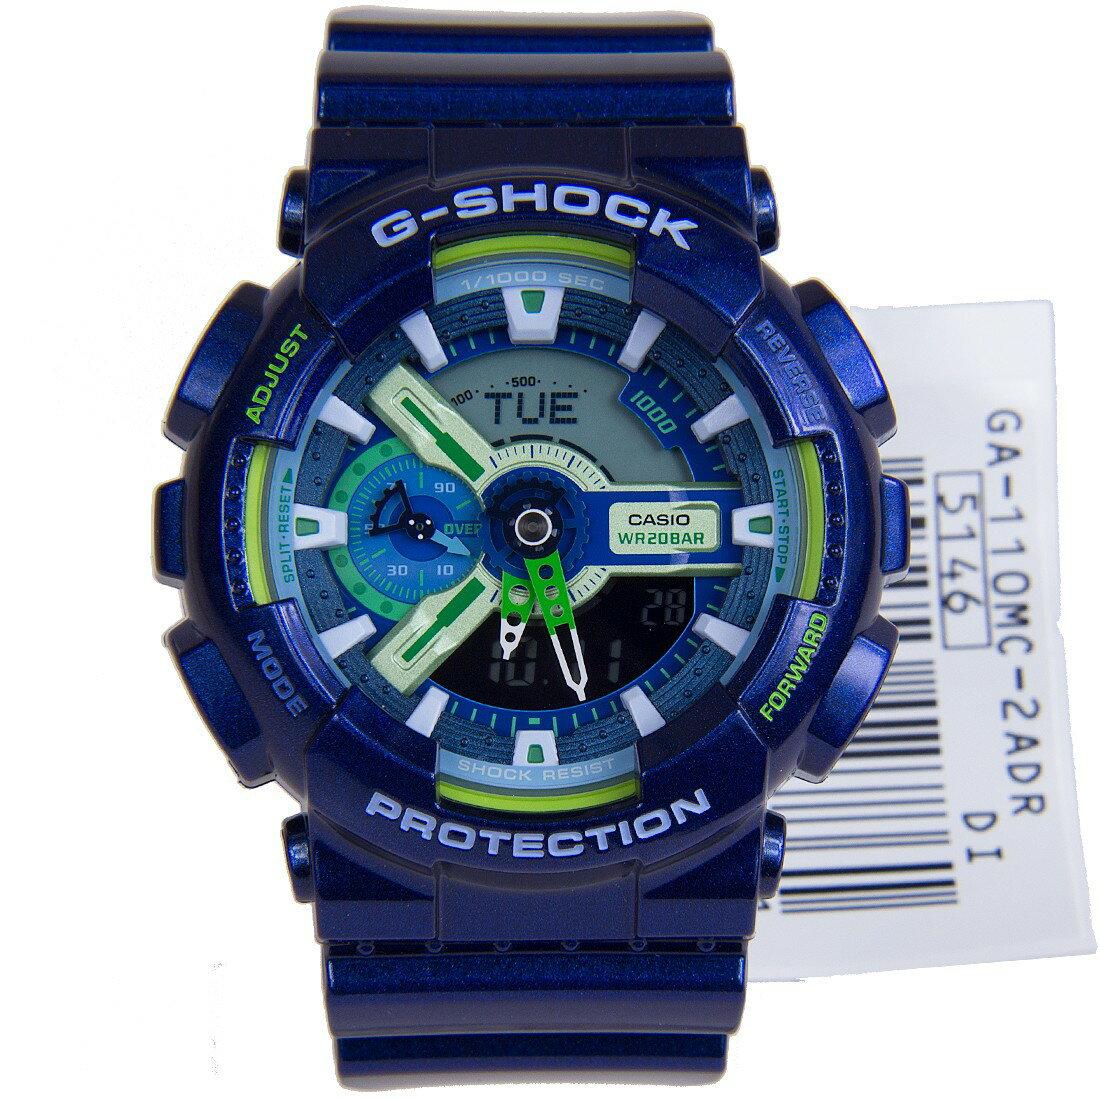 【錶飾精品】卡西歐CASIO G-SHOCK鮮豔撞色設計 金屬光澤感GA-110MC-2A 藍 全新原廠正品 生日禮品